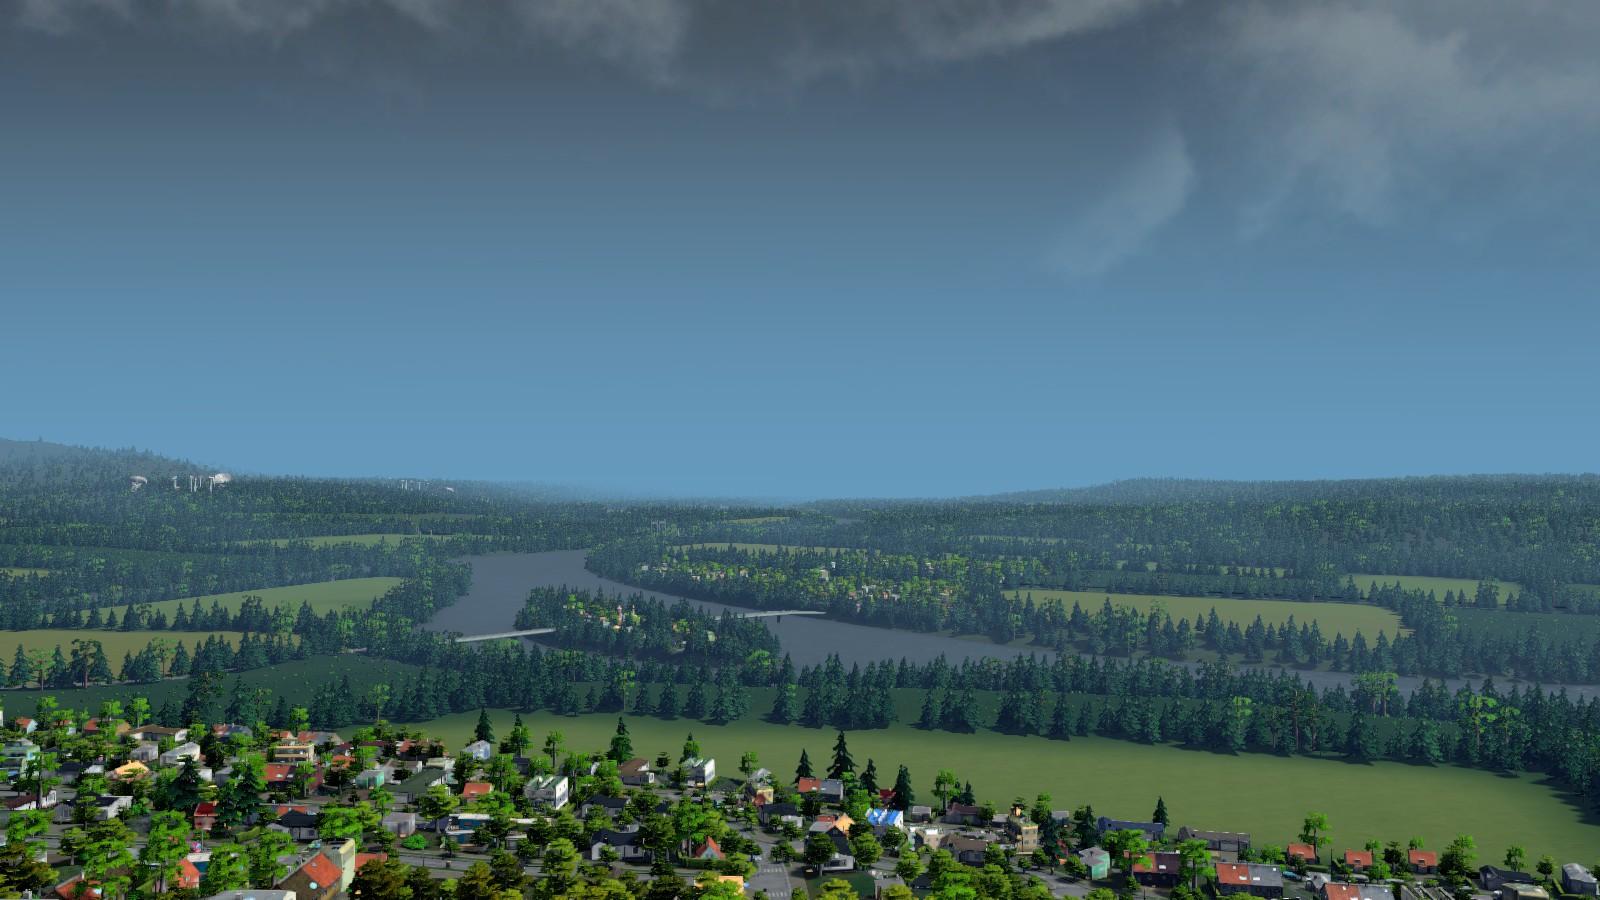 Royaume Norrois - Présentation des villes - Page 2 150524015320249123